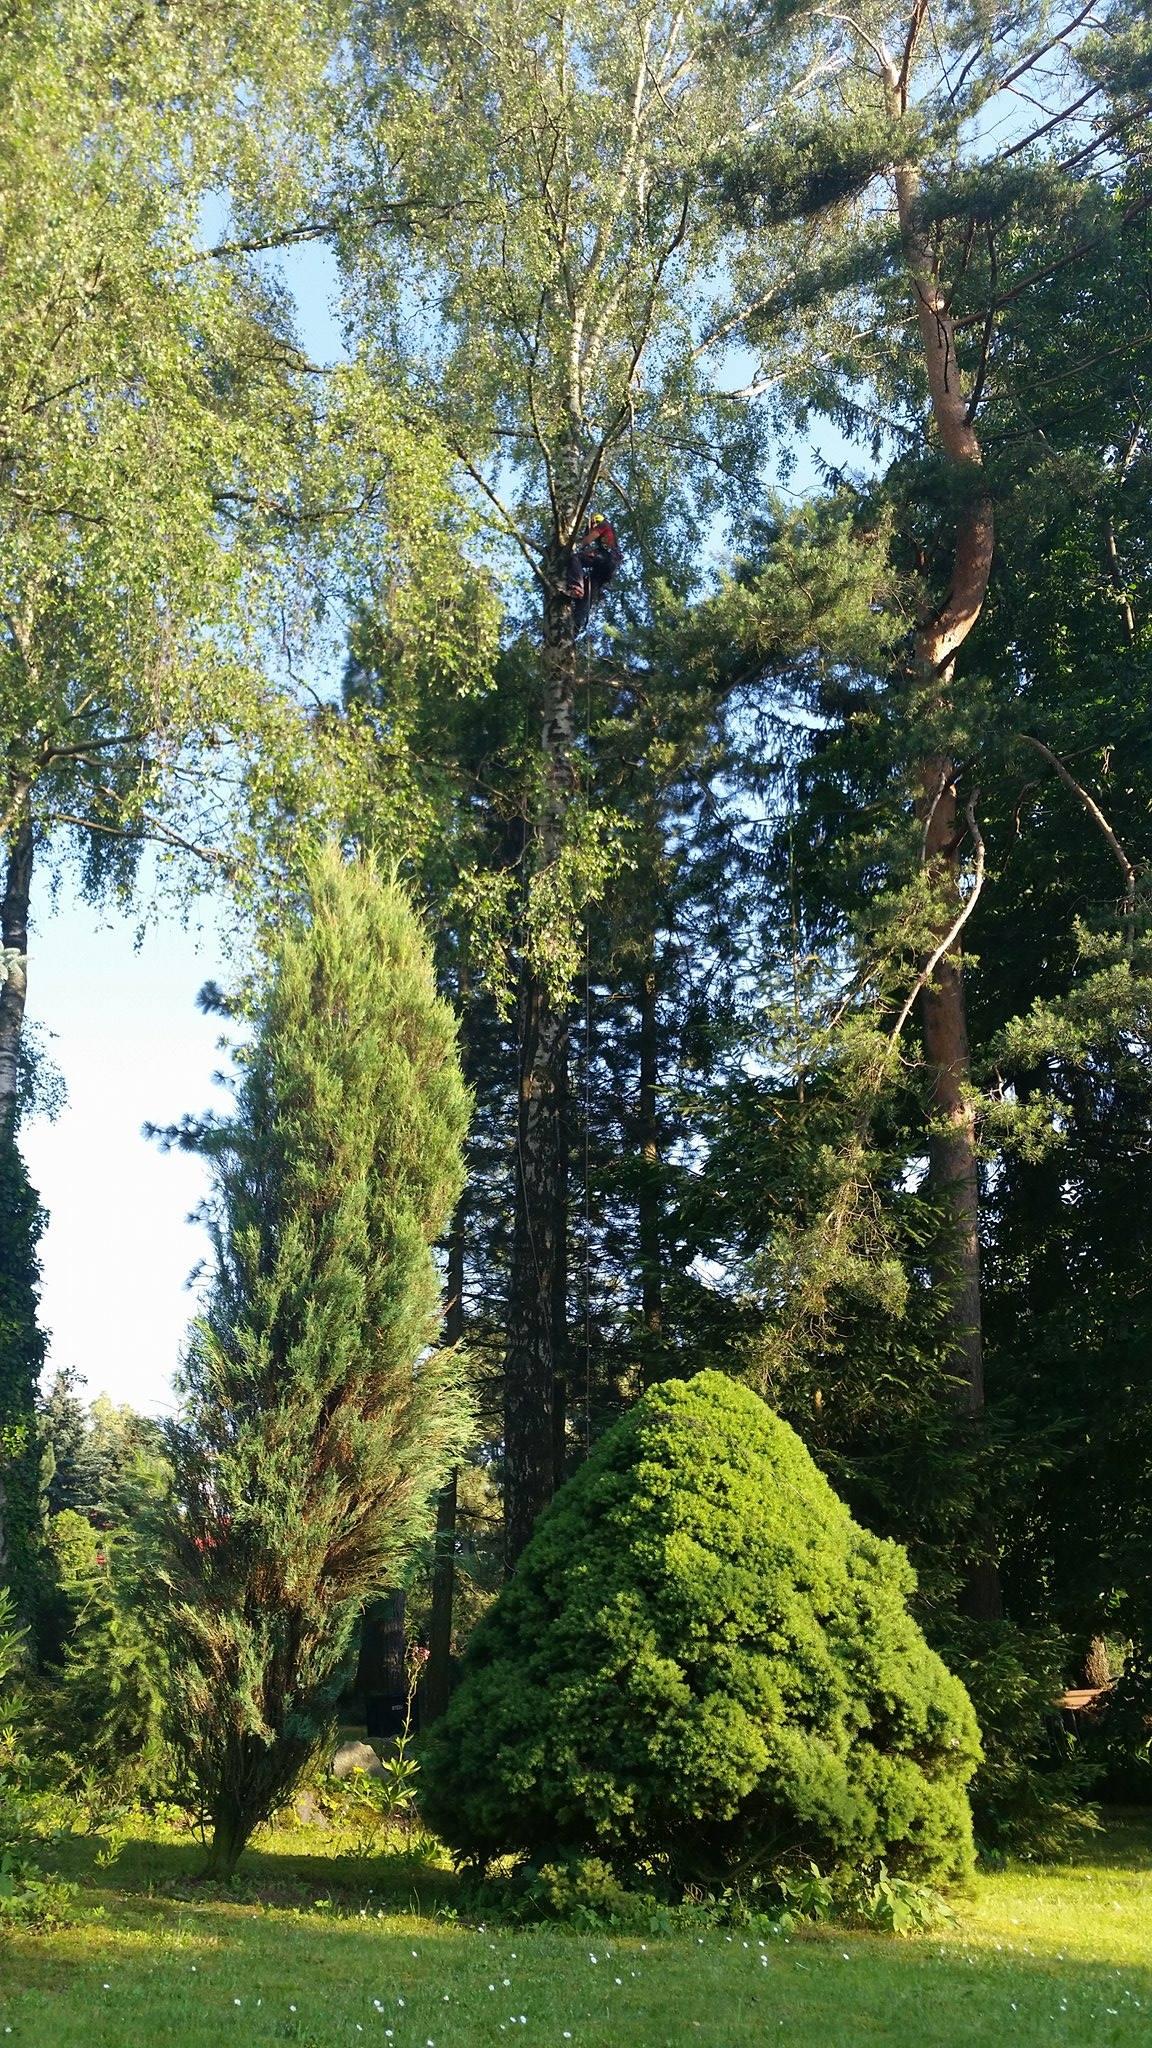 Odstranění zlomených větví po bouřce, Krucemburk